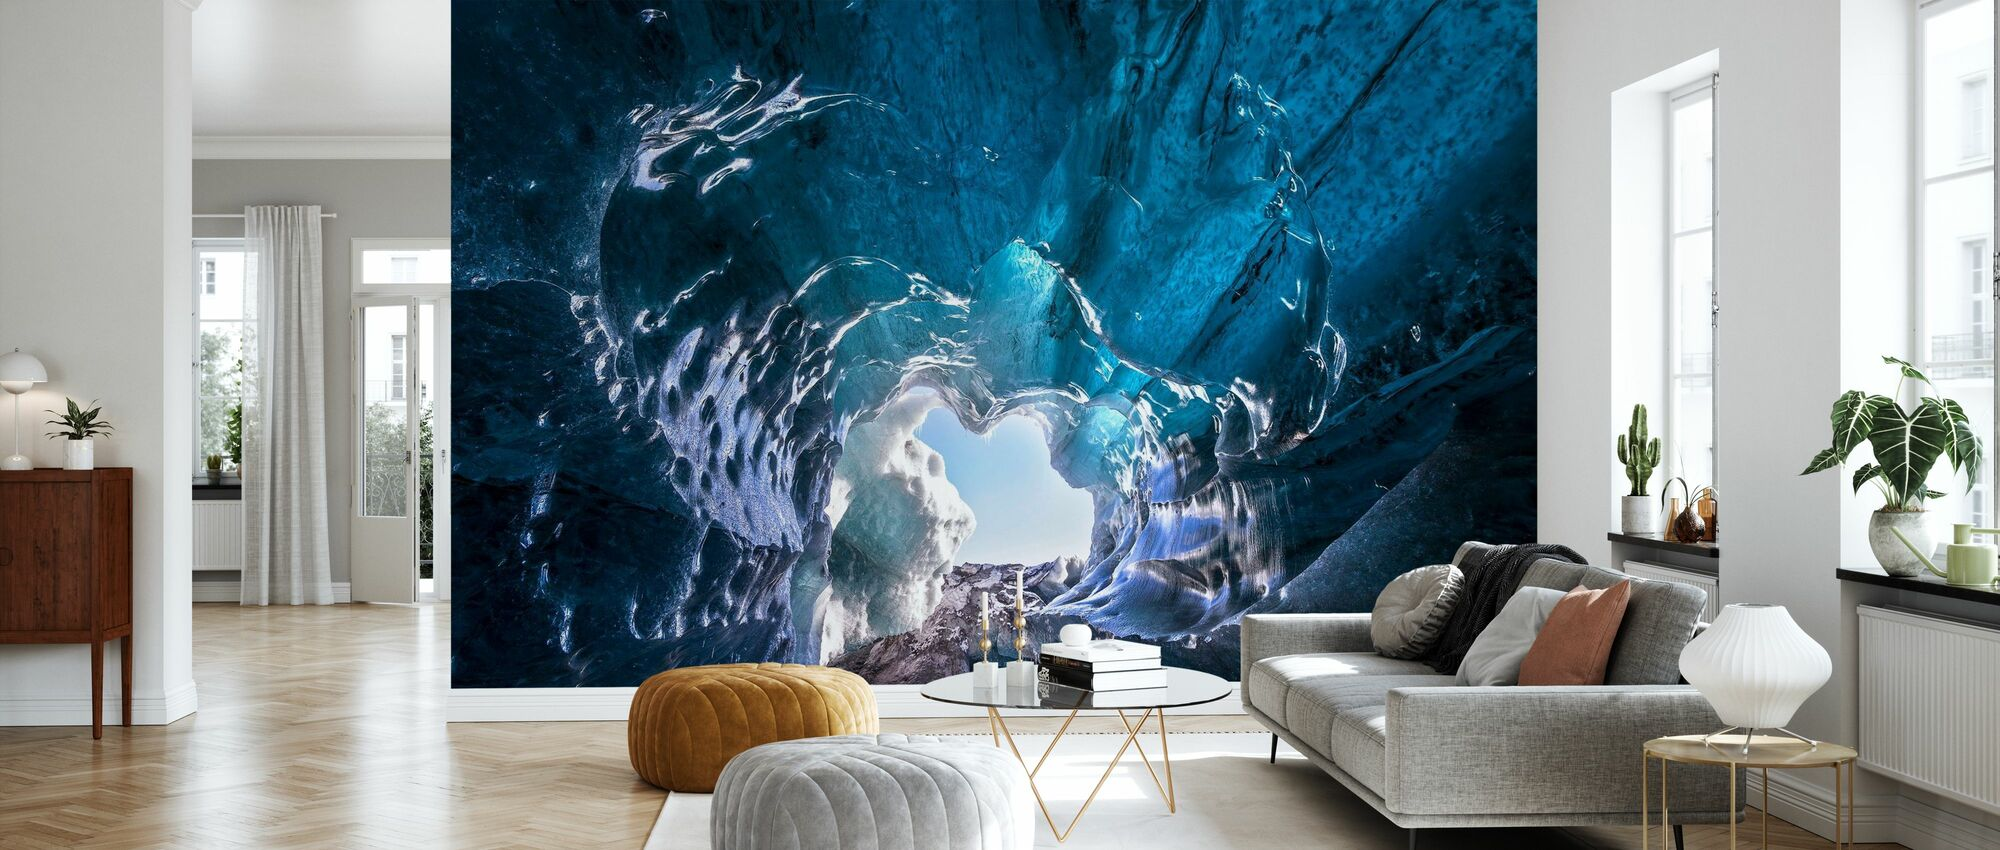 Outside World - Wallpaper - Living Room